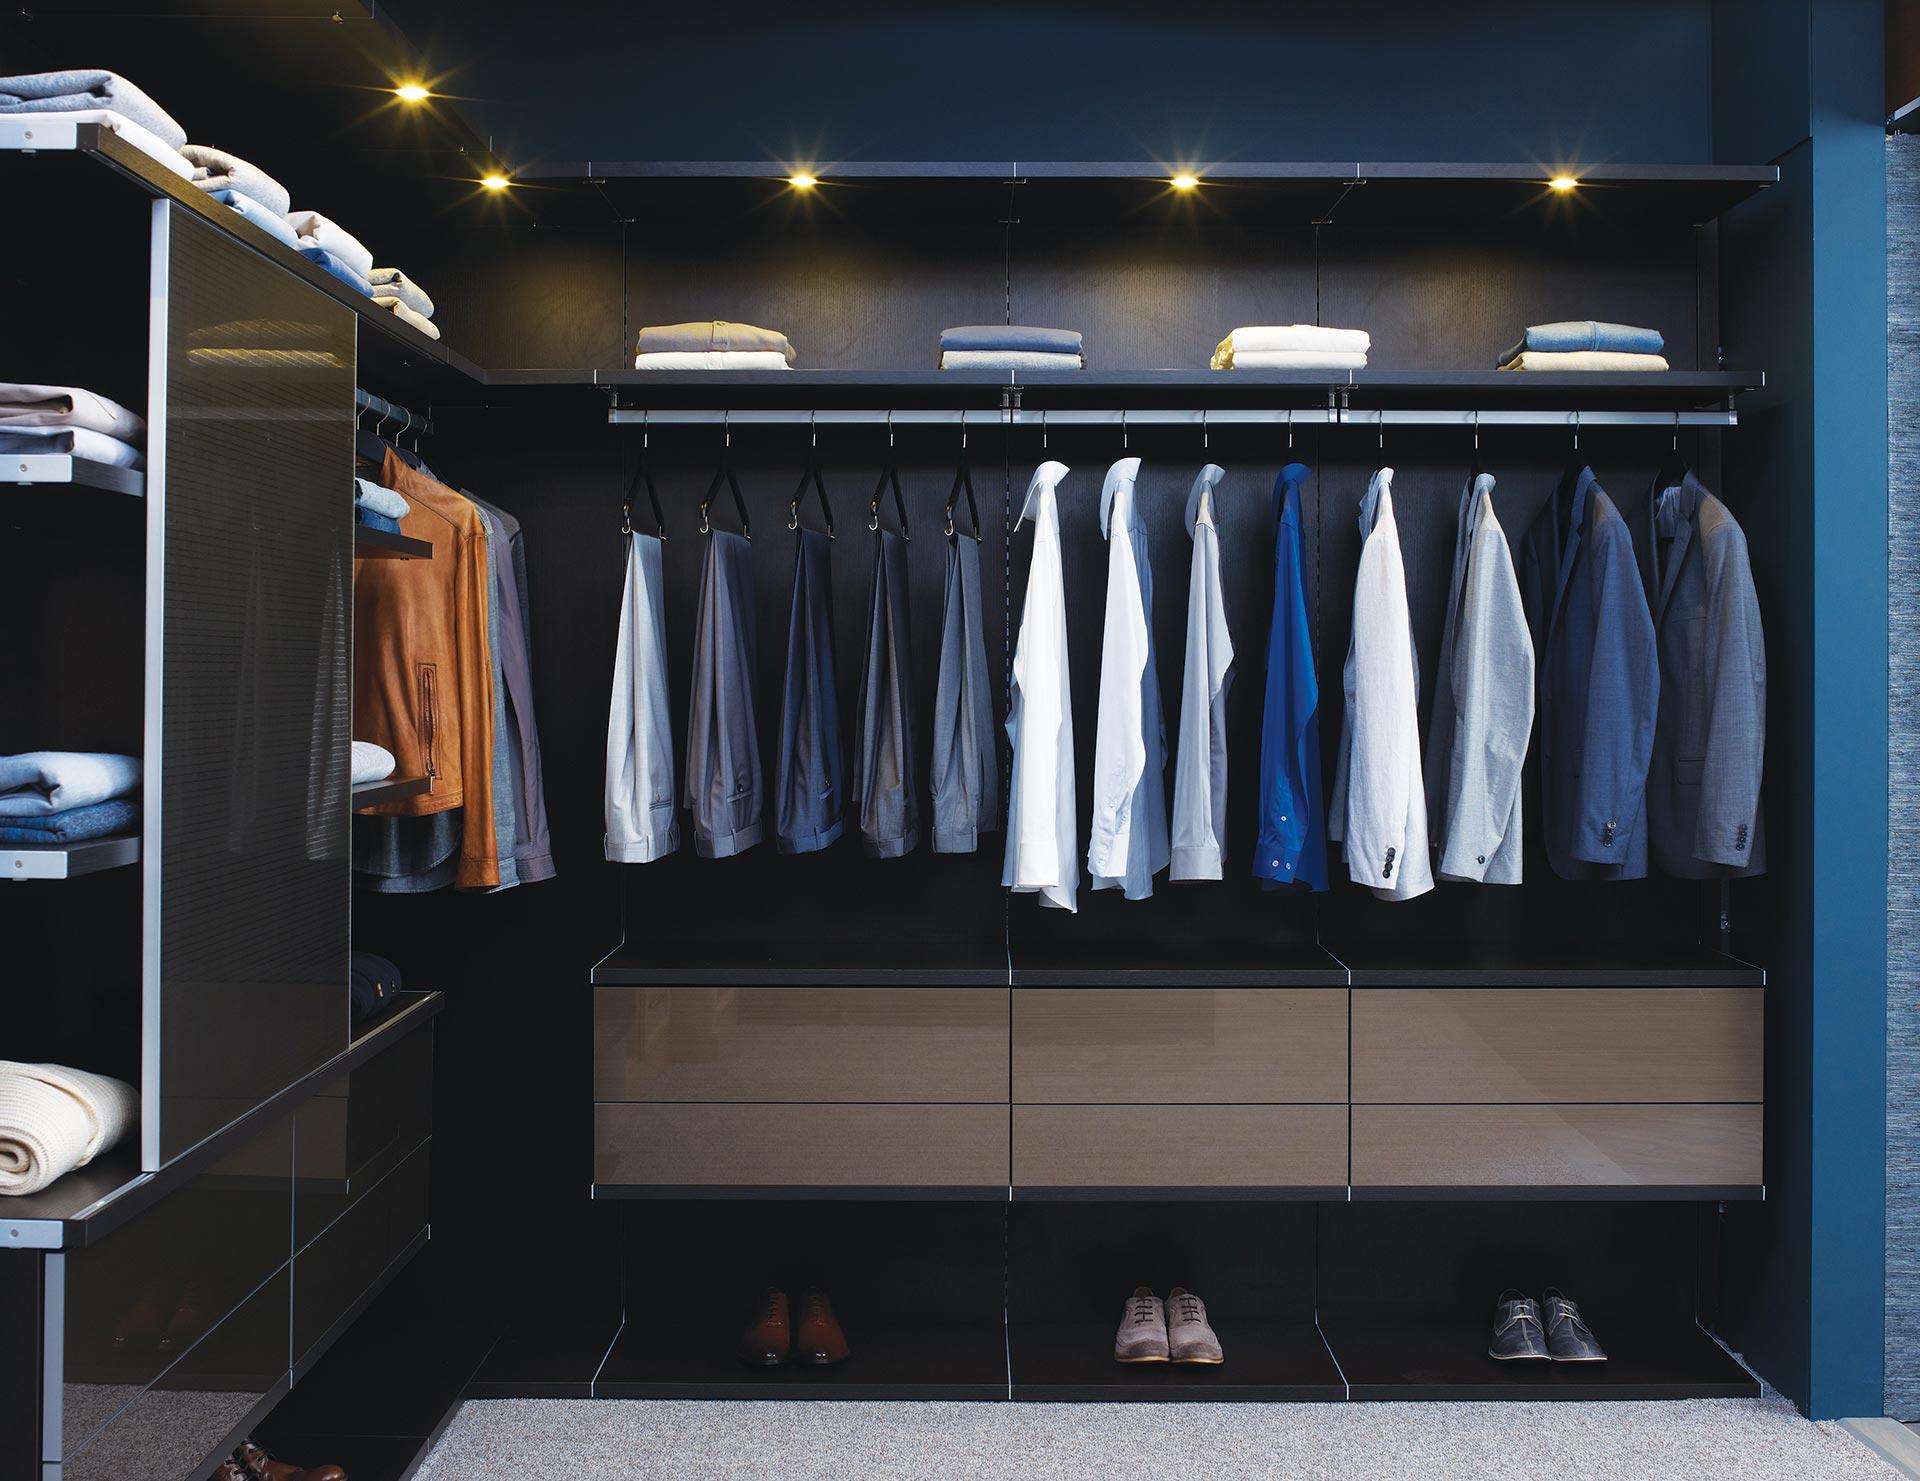 Closet dos sonhos Personalize com acessórios